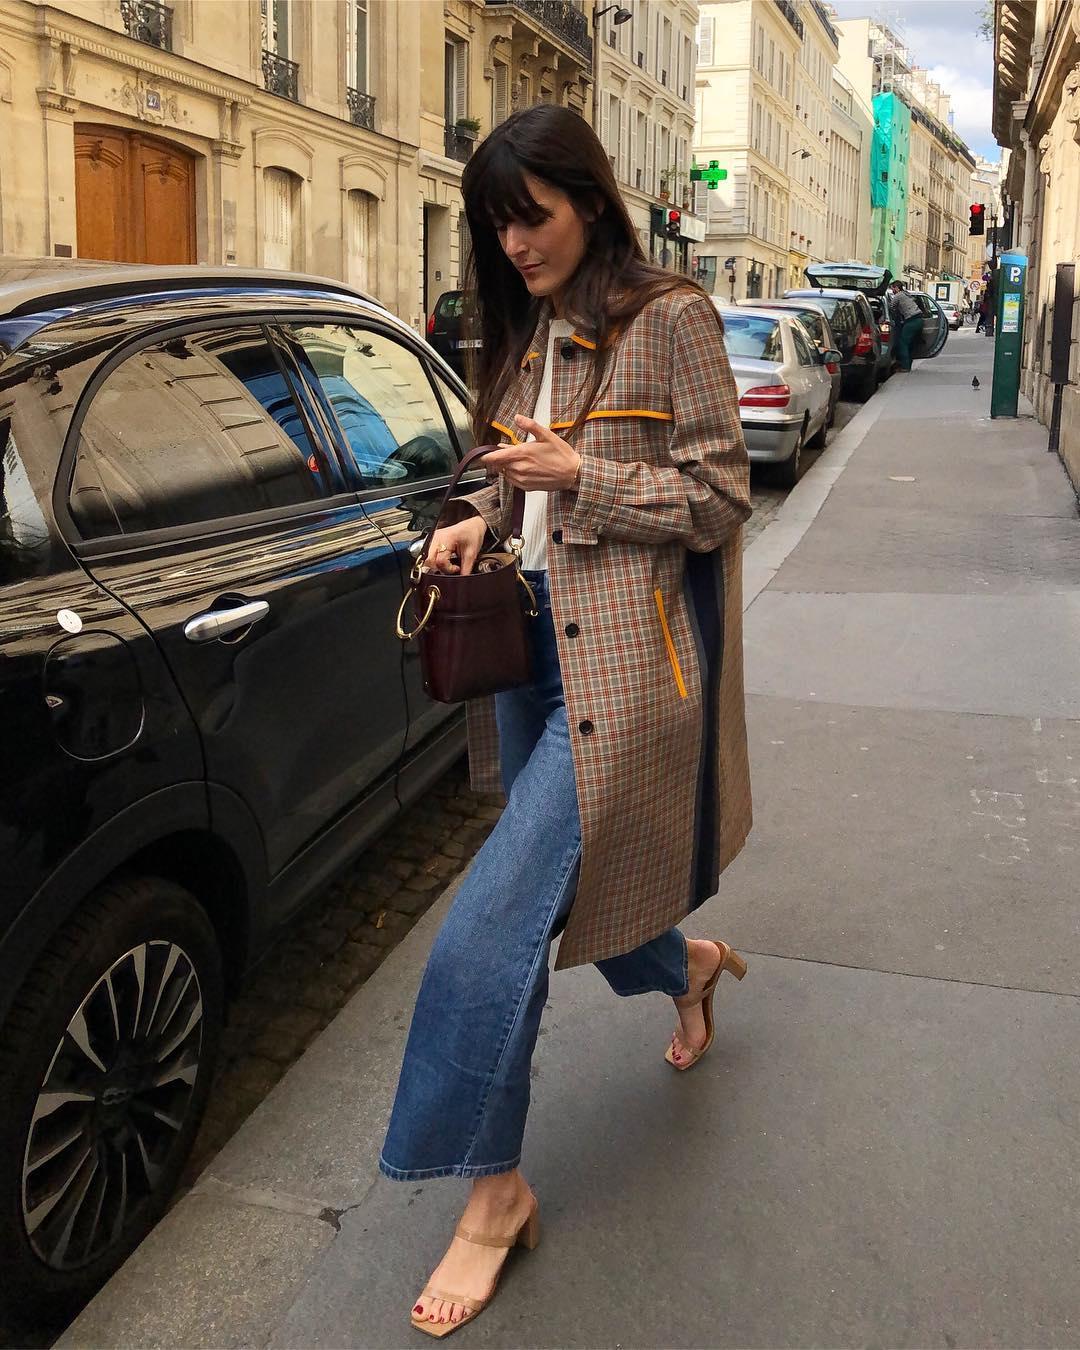 Hội IT Girl nước Pháp có đến 9 bí kíp diện đồ để không bao giờ mặc xấu, chỉ thanh lịch và sang chảnh trở lên - Ảnh 19